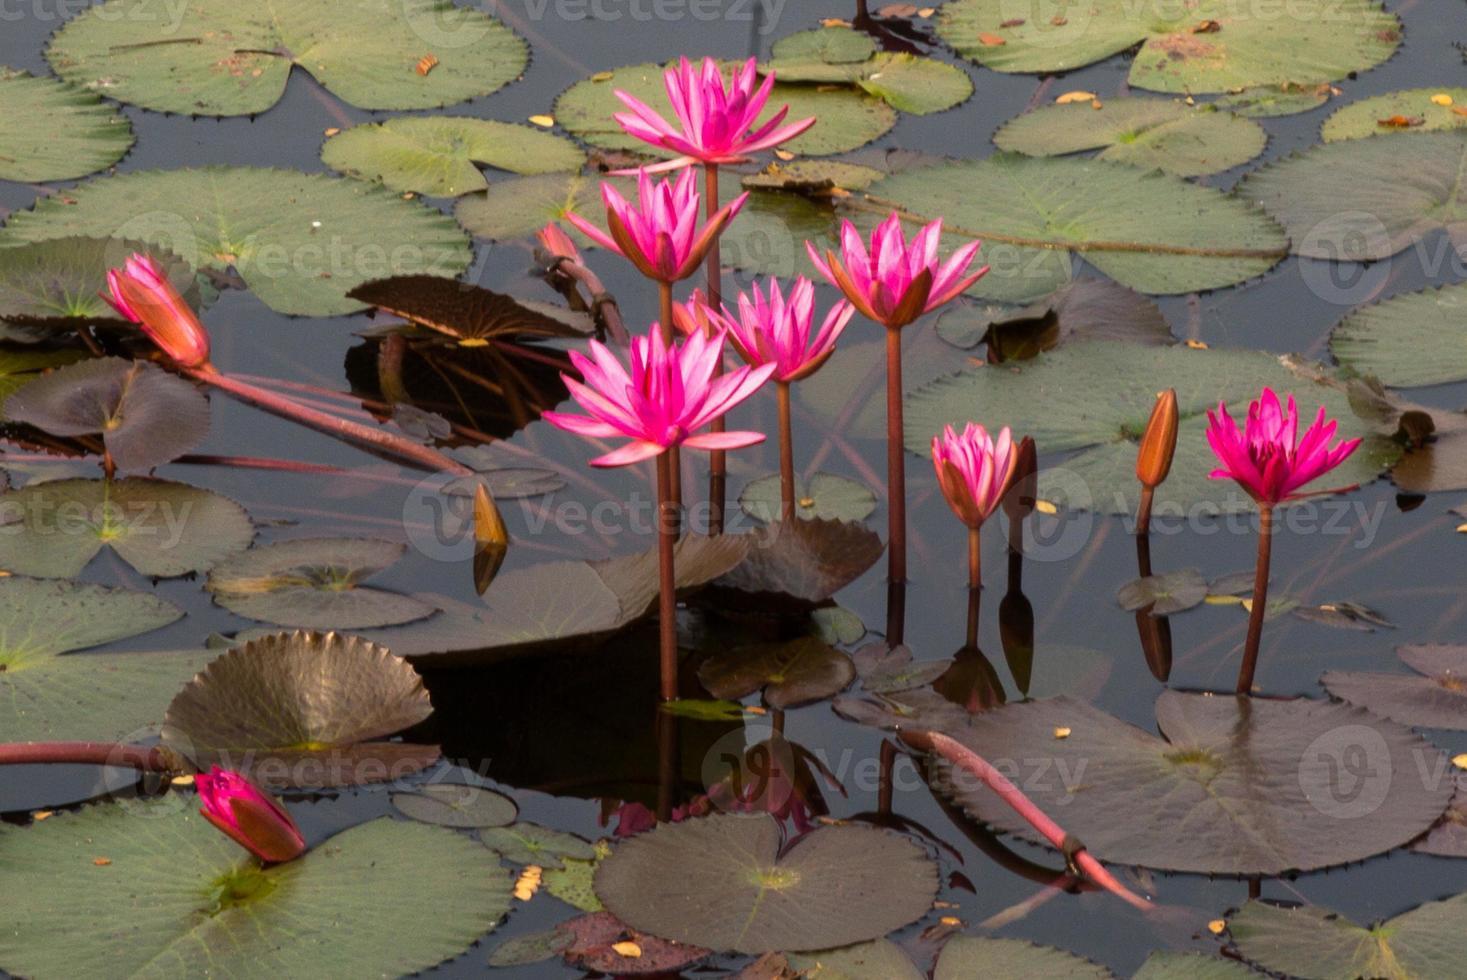 rosa Lotusblumen und Knospen in einem Teich foto